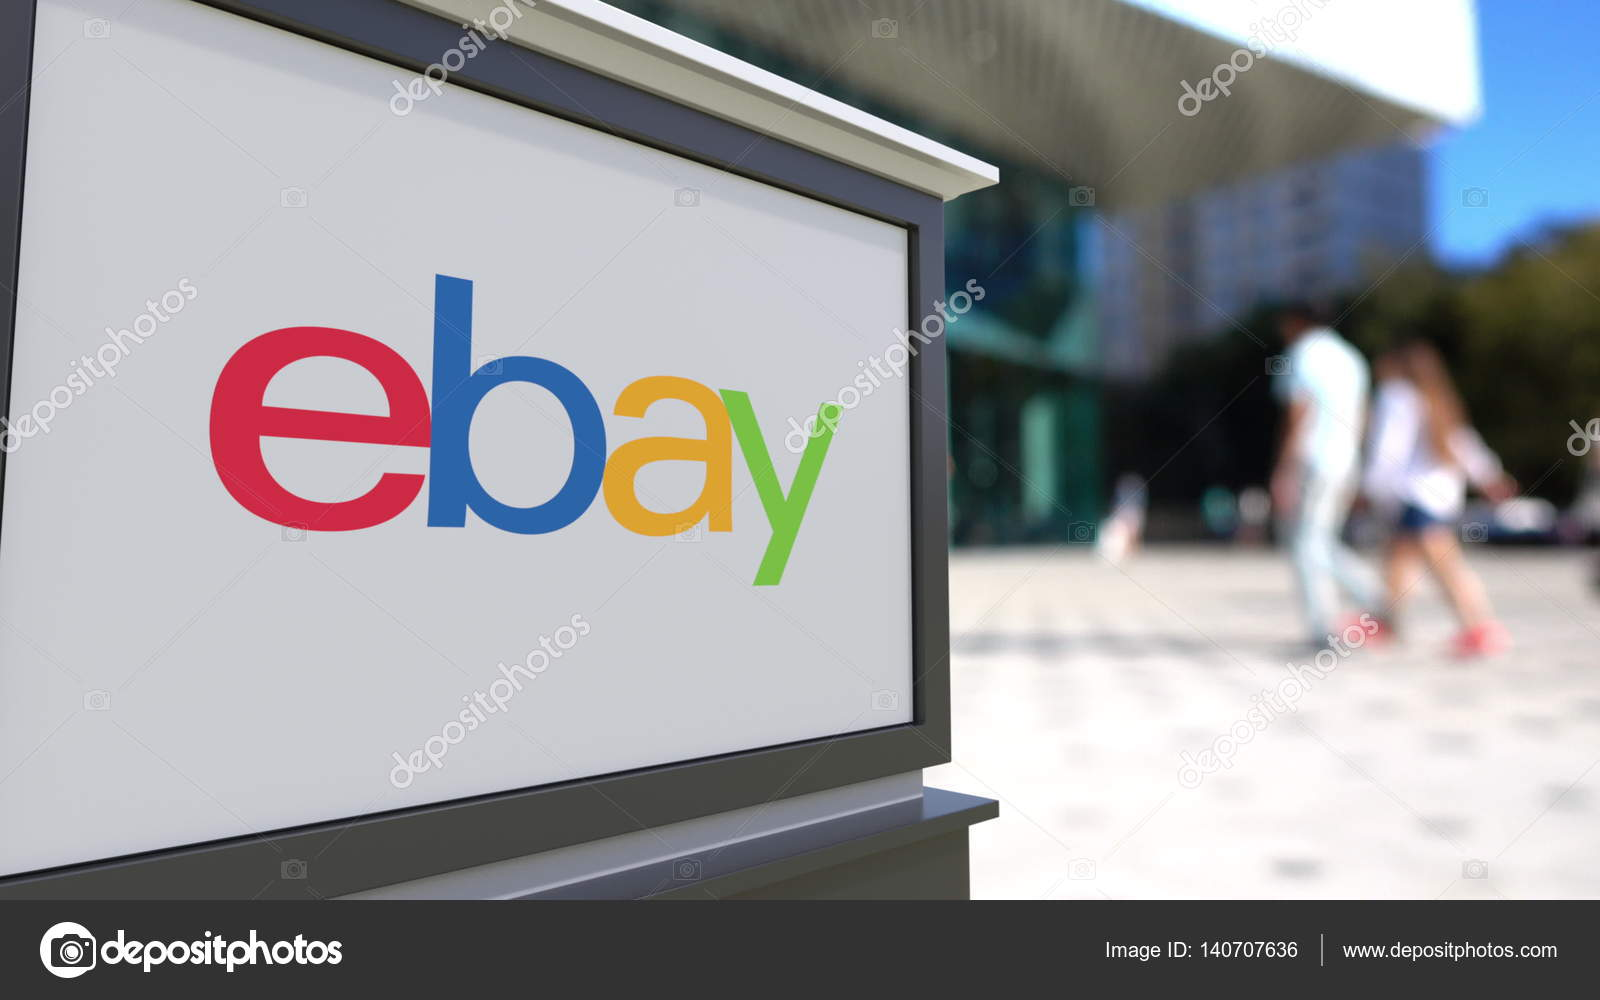 Ebay Office To Straat Signalisatie Bord Met Ebay Inclogo Wazig Office Center En Wandelende Mensen